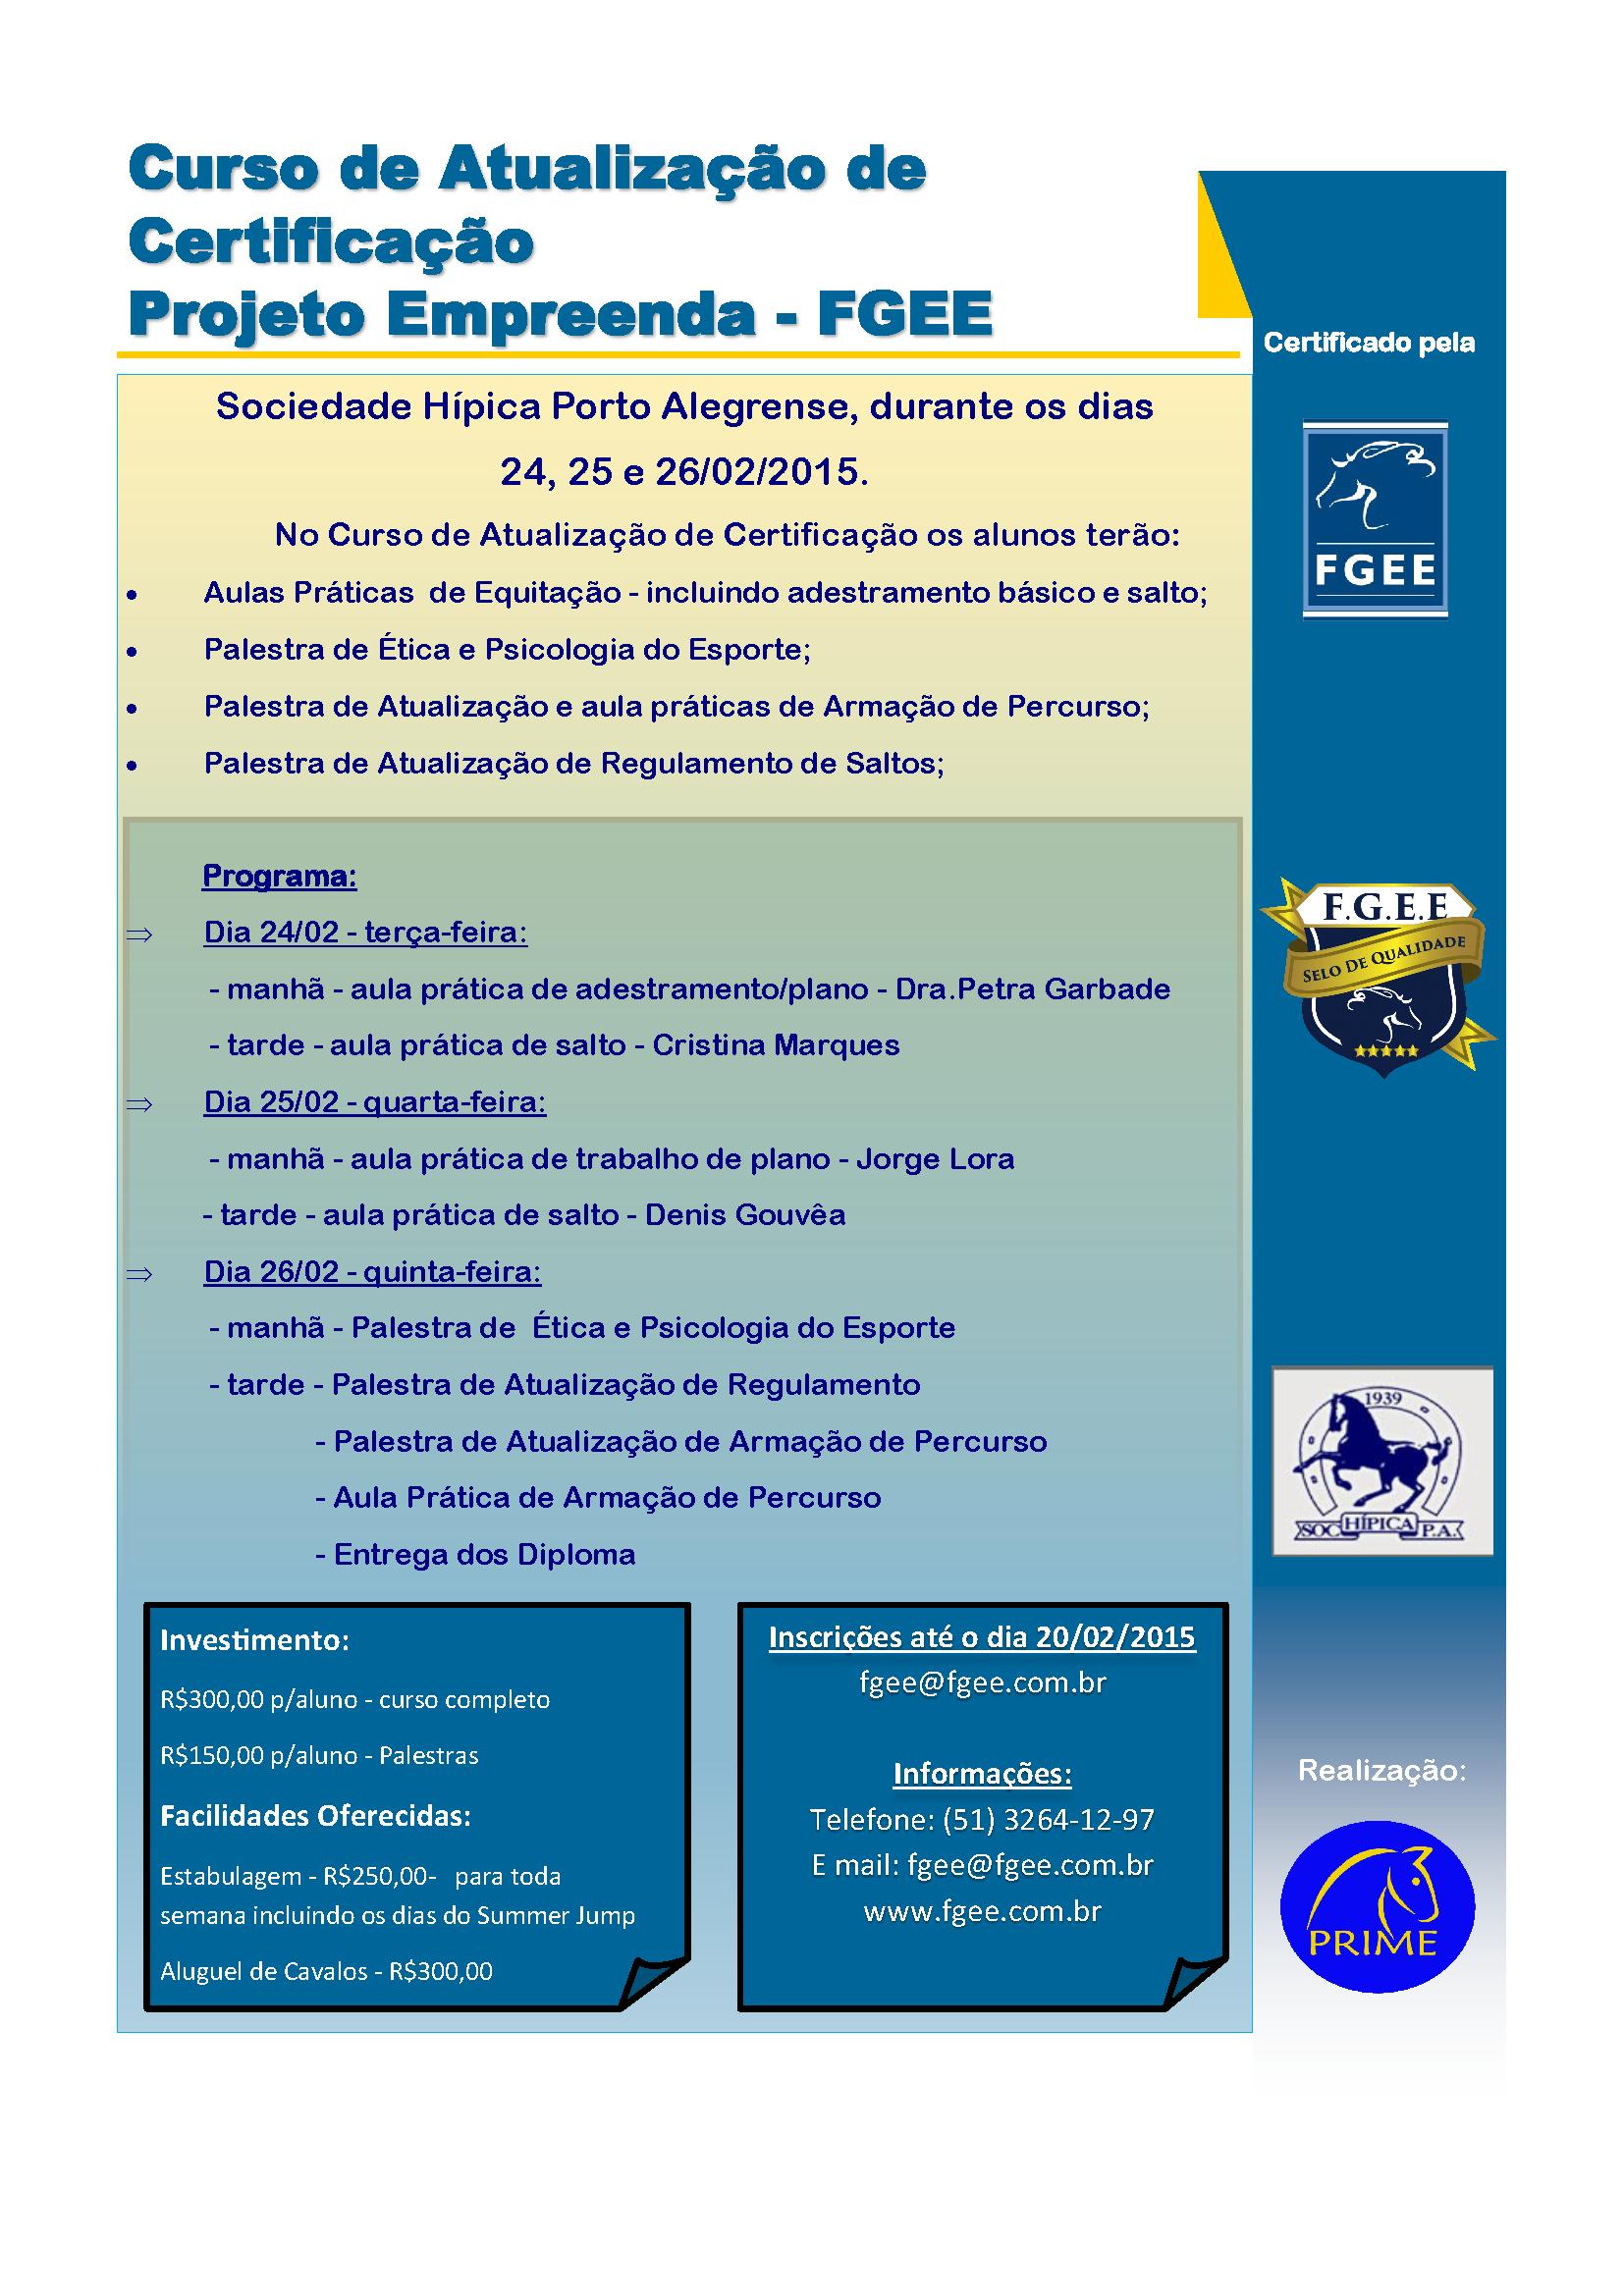 Curso de Atualização de Certificação Projeto Empreenda (FGEE) Sociedade Hípica Porto Alegrense de 24 a 26/02.